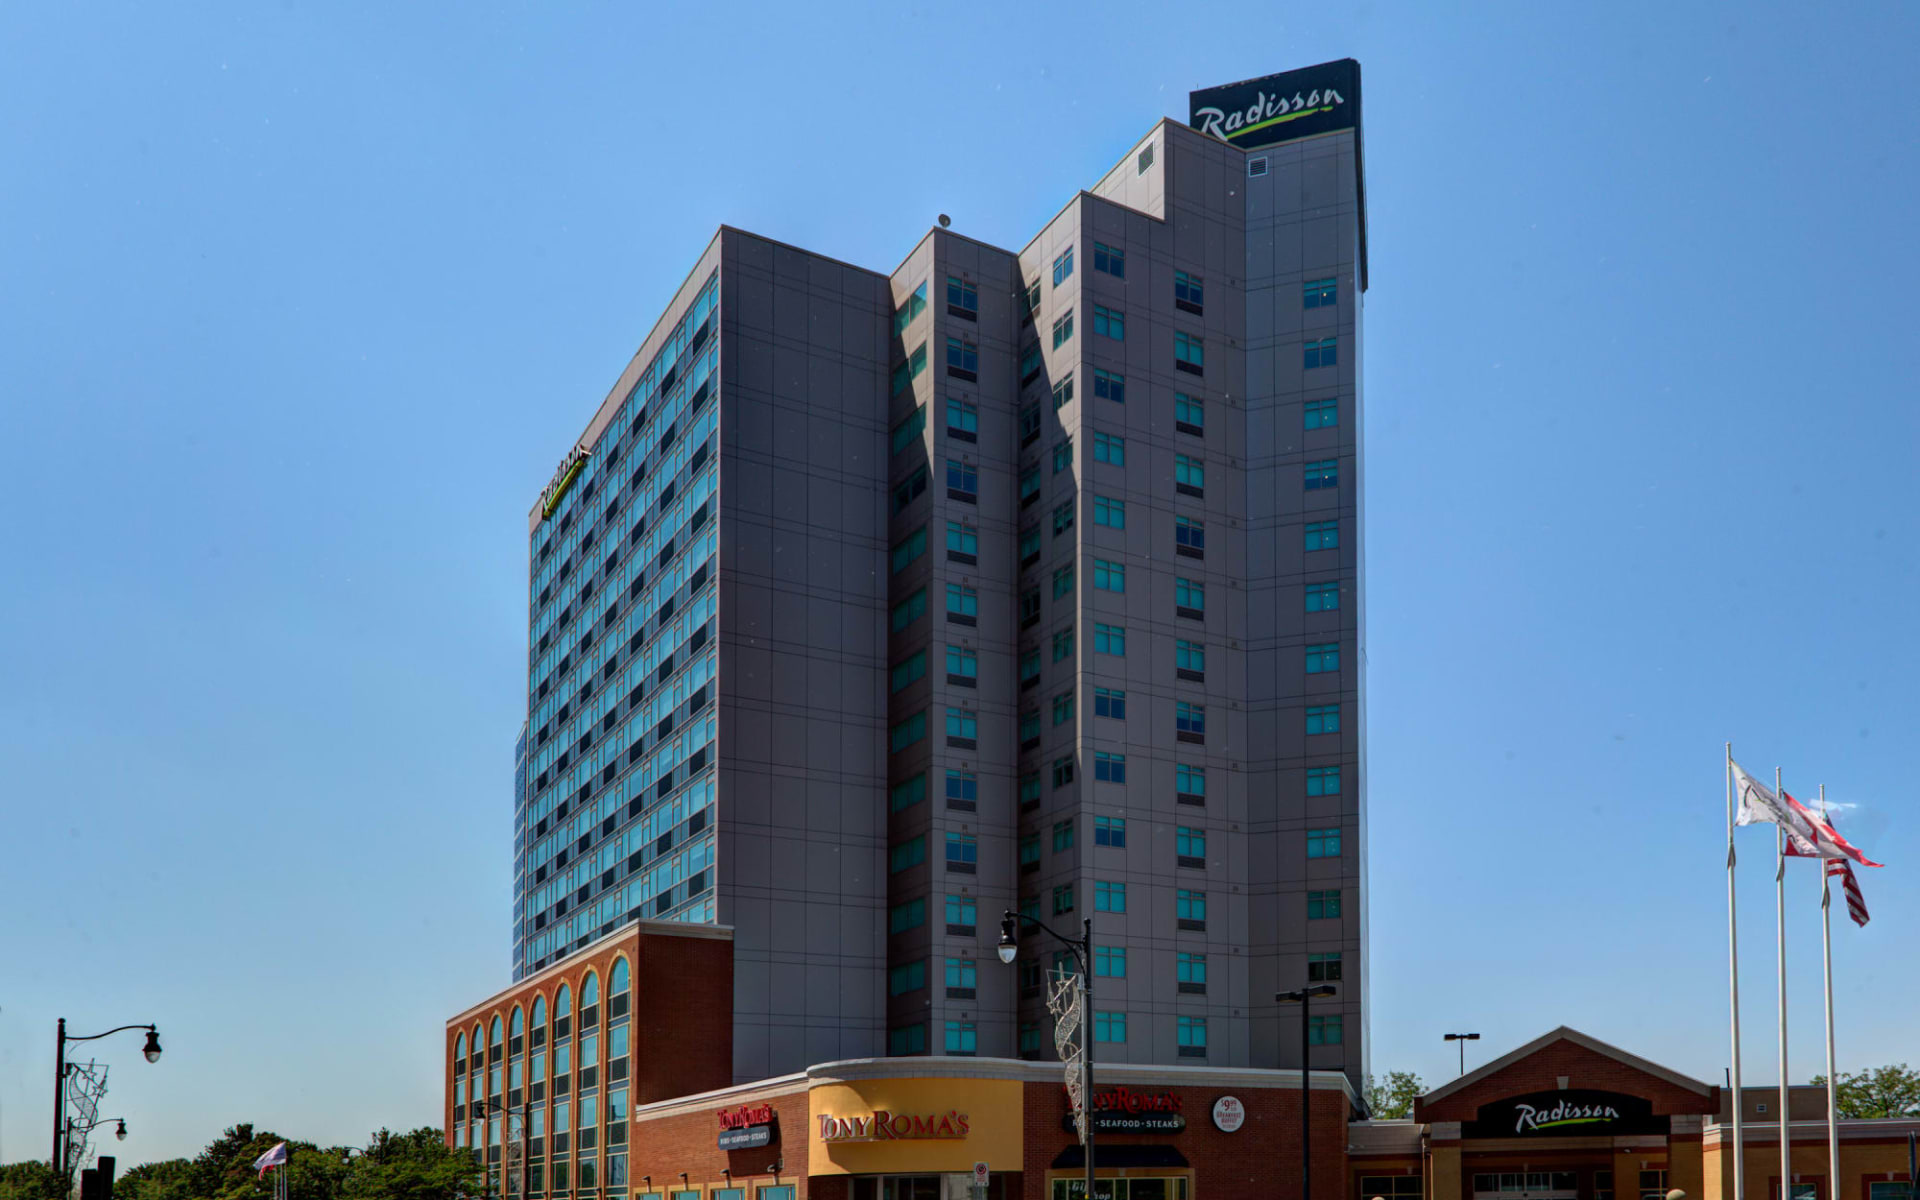 Radisson Hotel & Suites Fallsview in Niagara Falls:  Radisson Hotel & Suites Fallsview_Summer